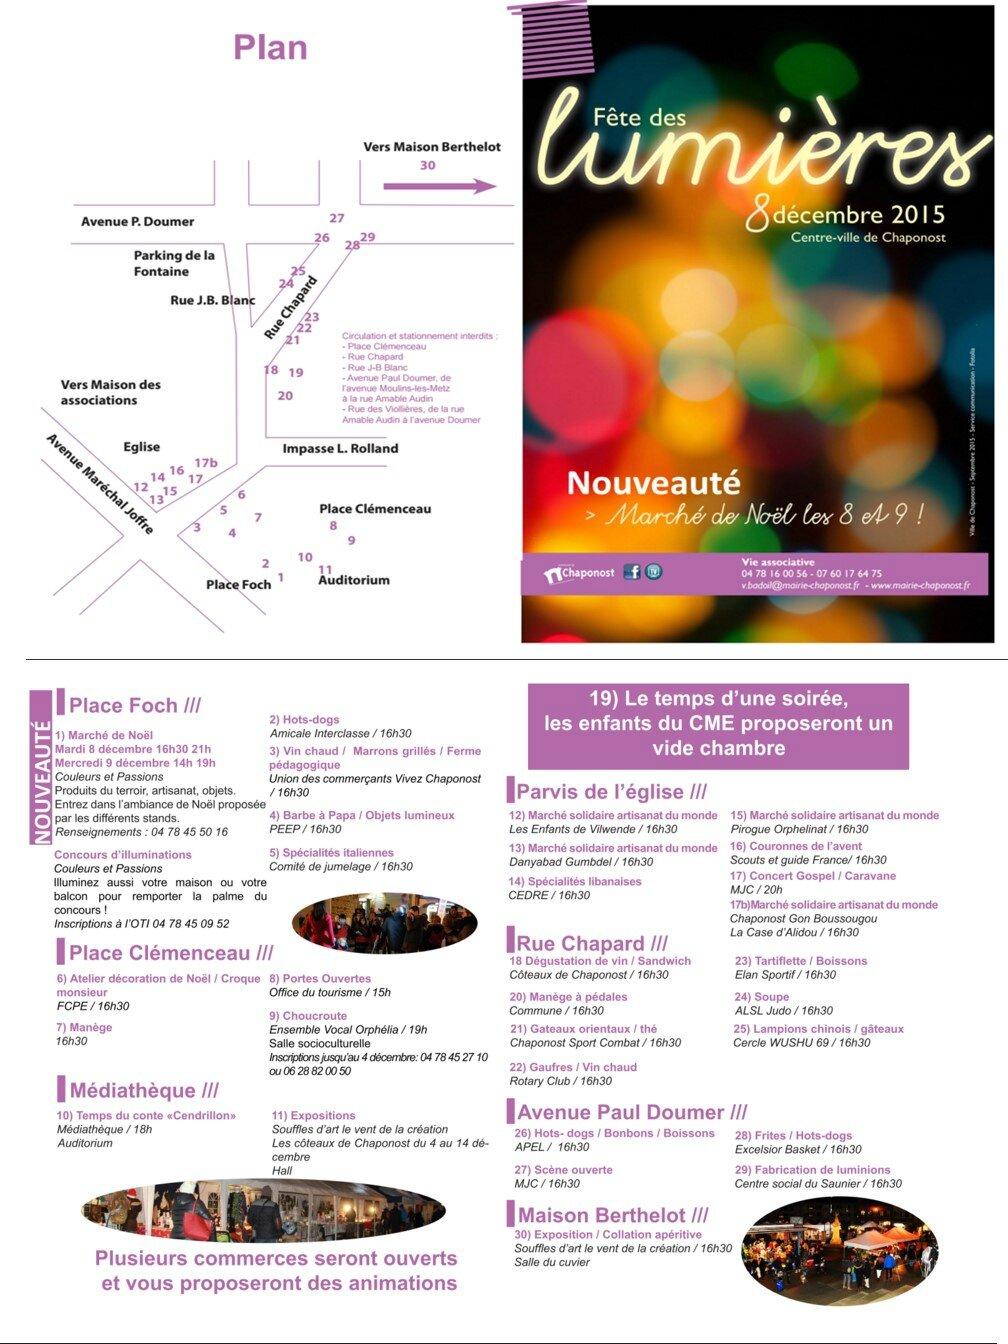 Programme des festivités du 8 décembre 2015 à Chaponost